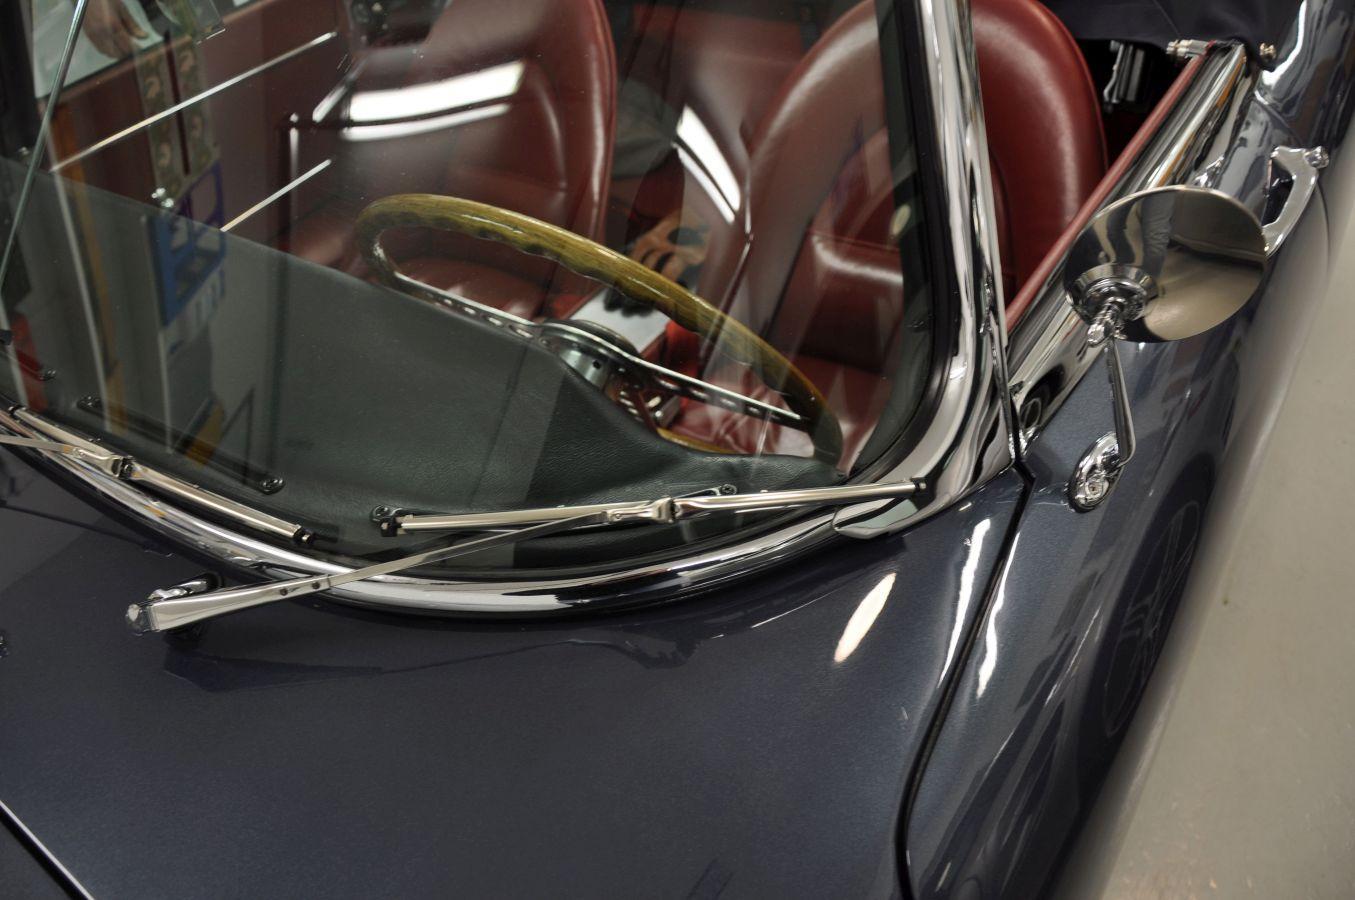 Sportbils vindruta, vindrutetorkare och sidospegel